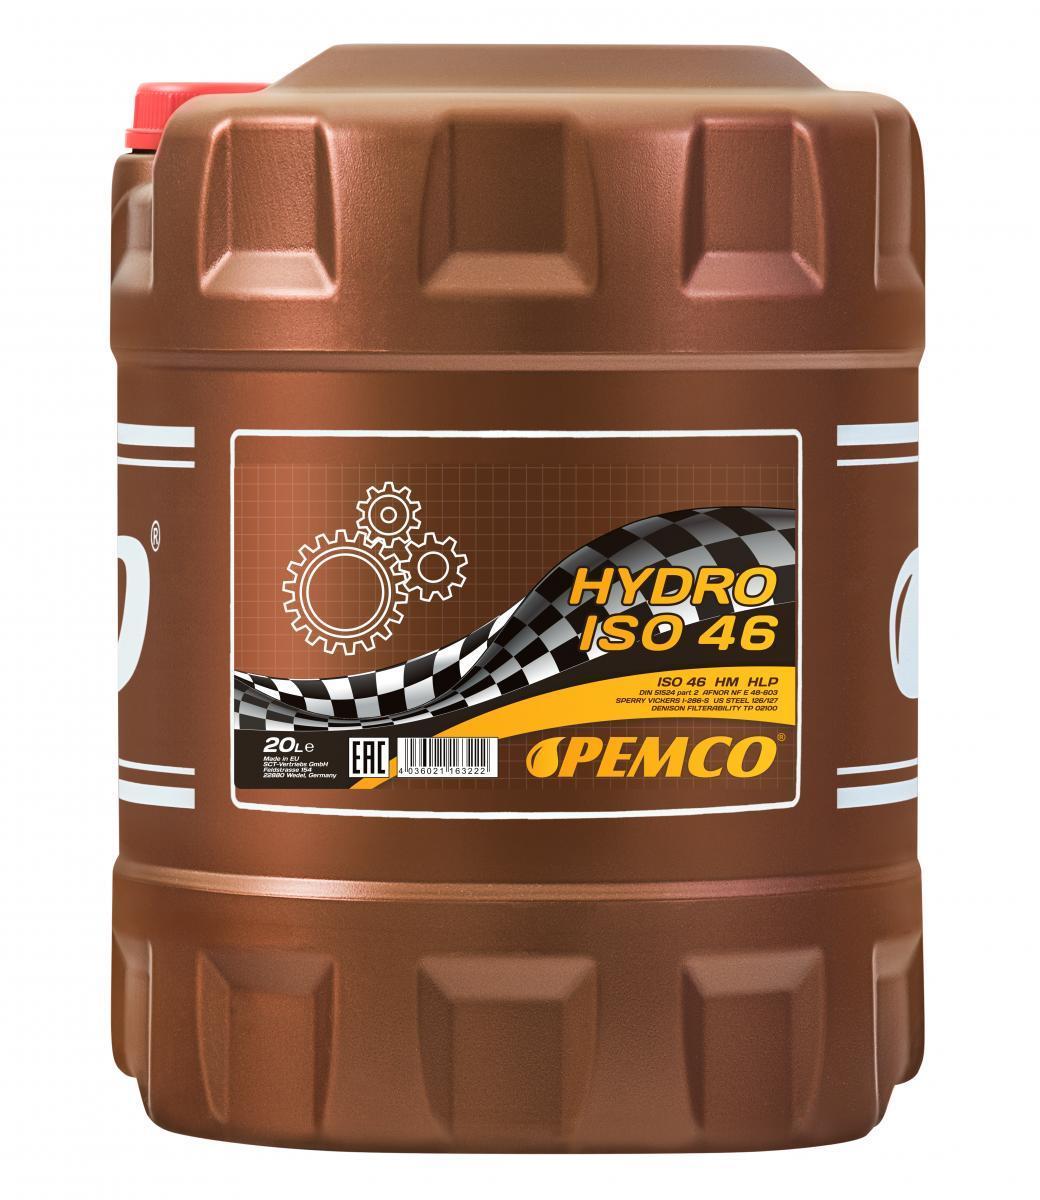 LKW Hydrauliköl PEMCO PM2102-20 kaufen